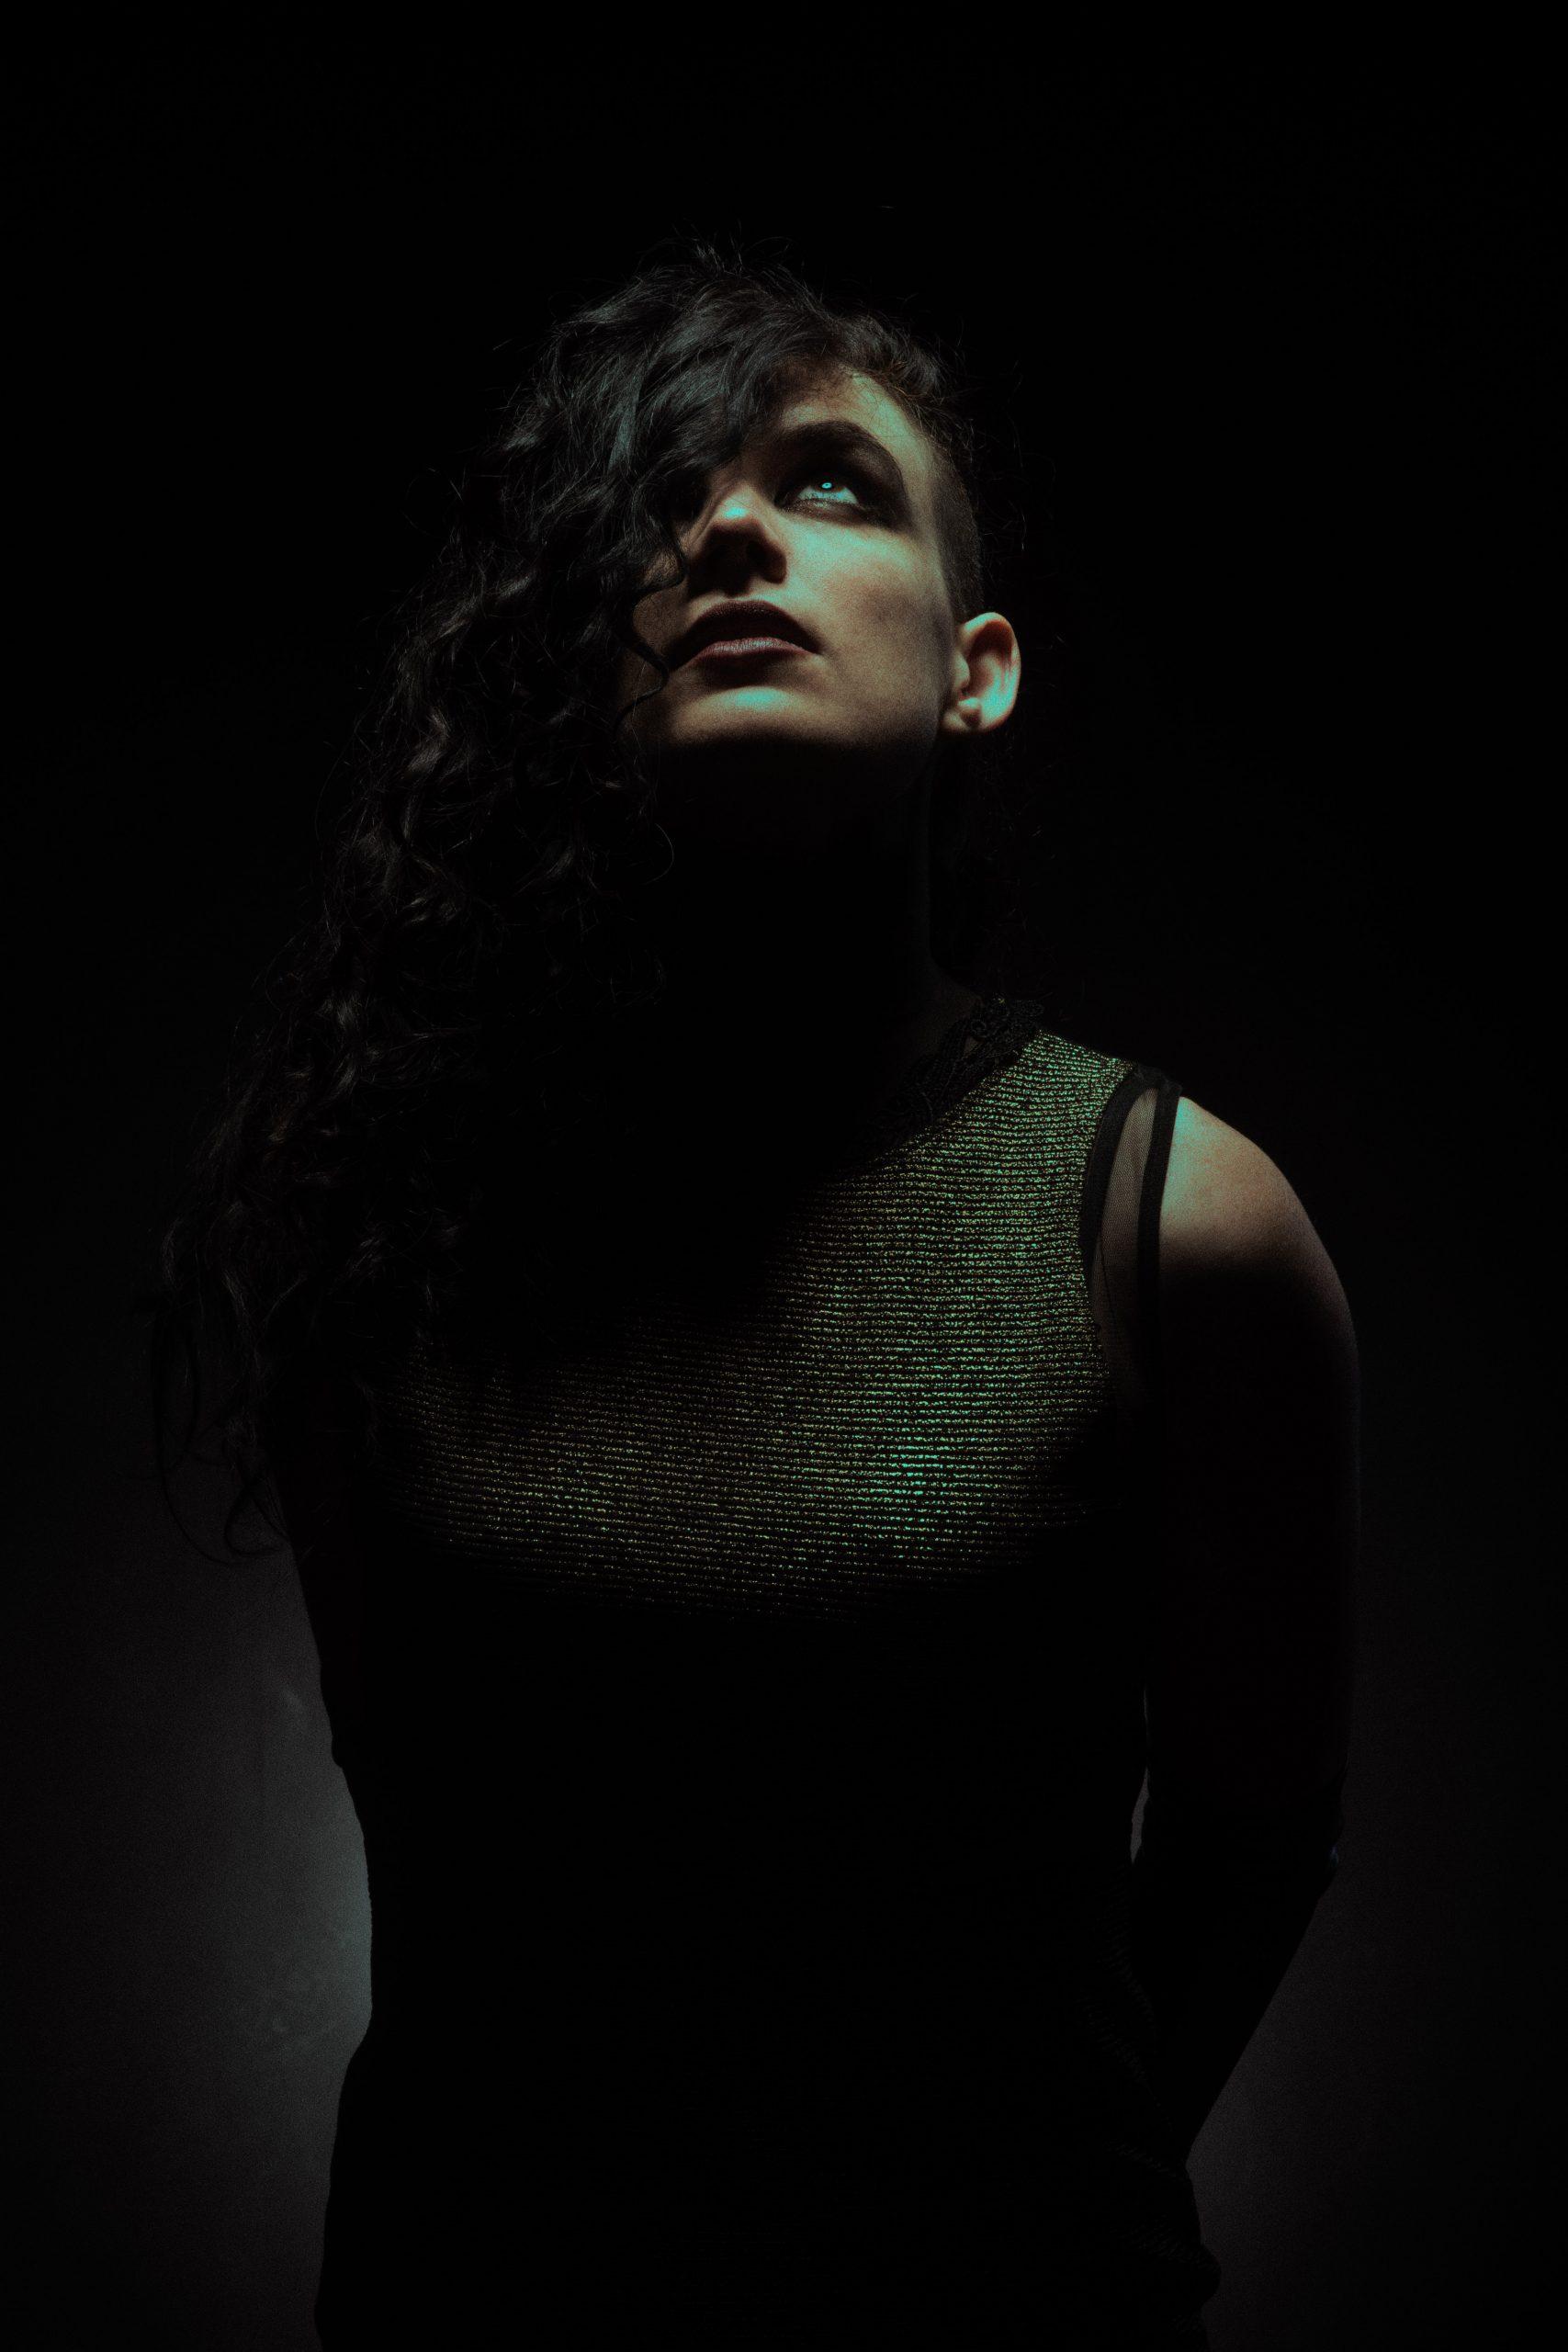 Hana Piranha - photoshoot